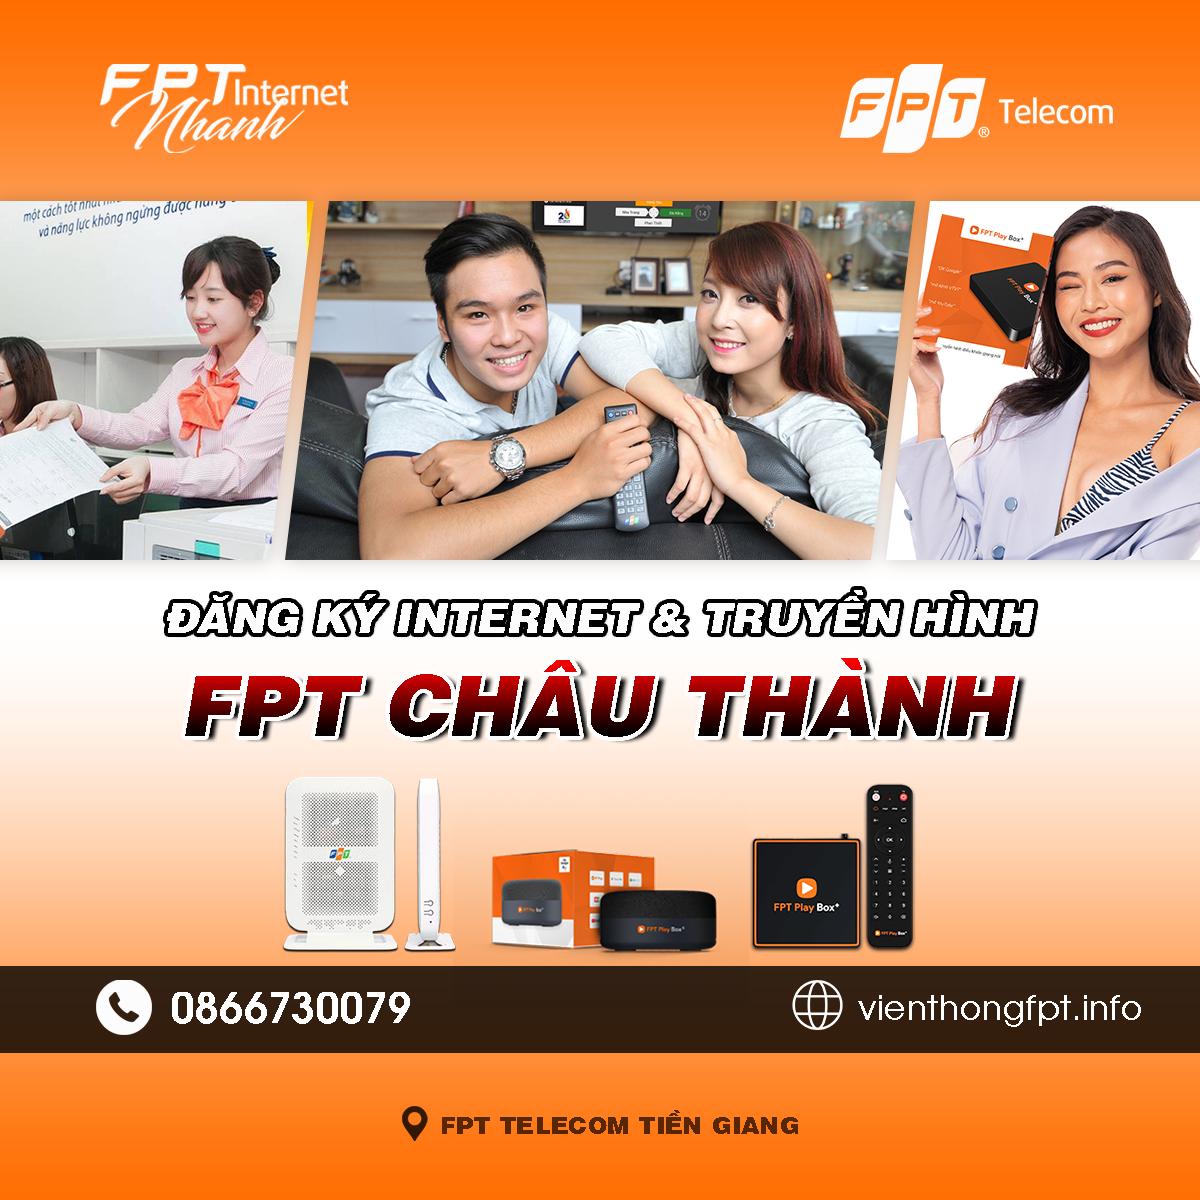 Tổng đài Chi nhánh FPT Châu Thành - Tiền Giang